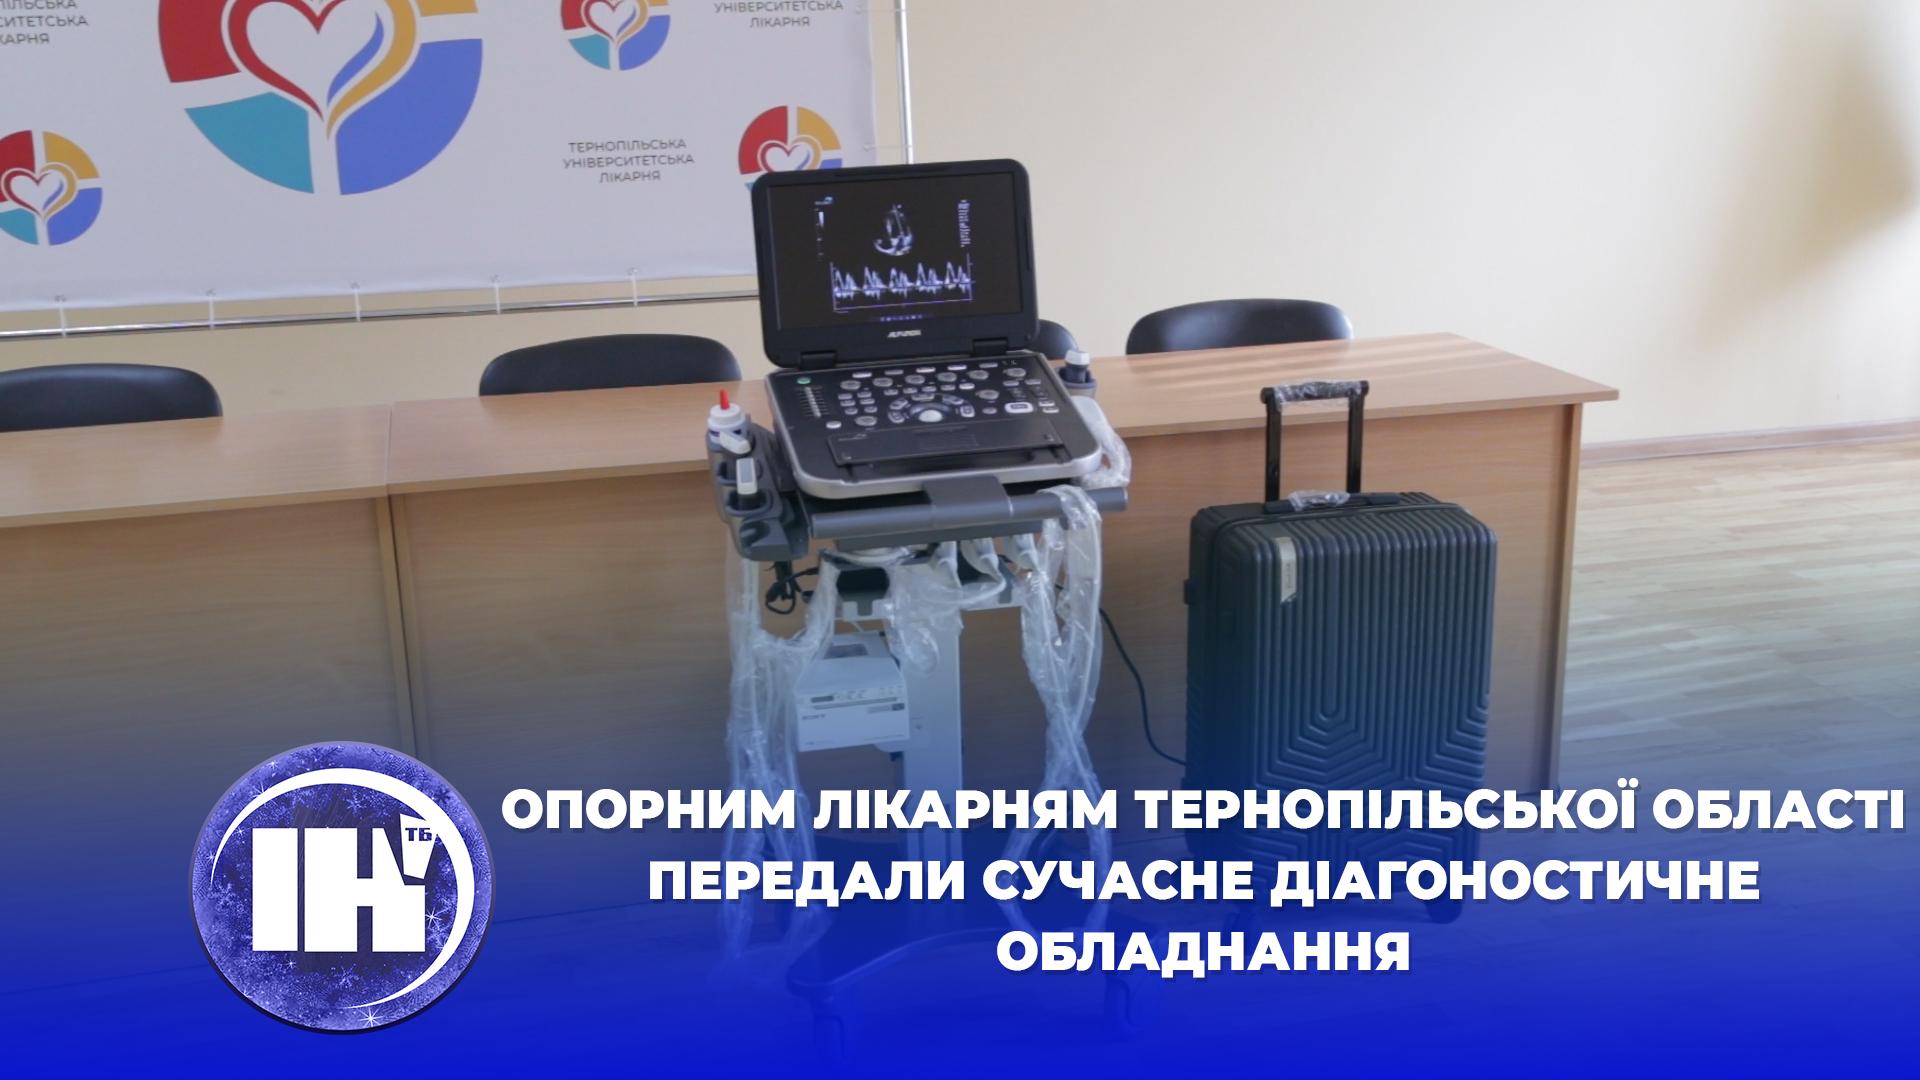 Опорним лікарням Тернопільської області передали сучасне діагоностичне обладнання